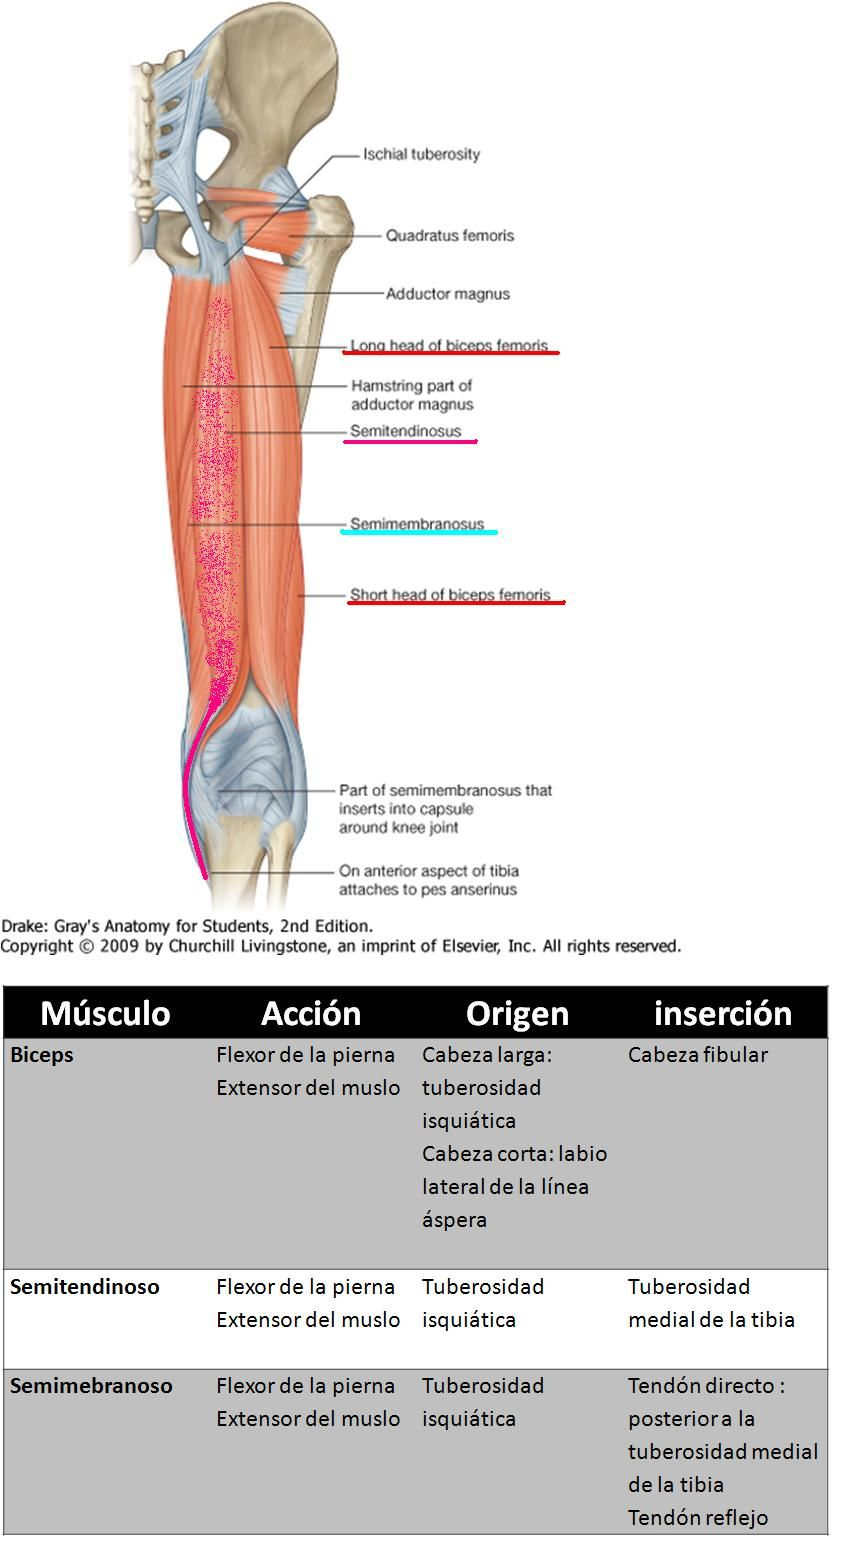 Asombroso Músculo Del Muslo Anatomía Mri Composición - Anatomía de ...